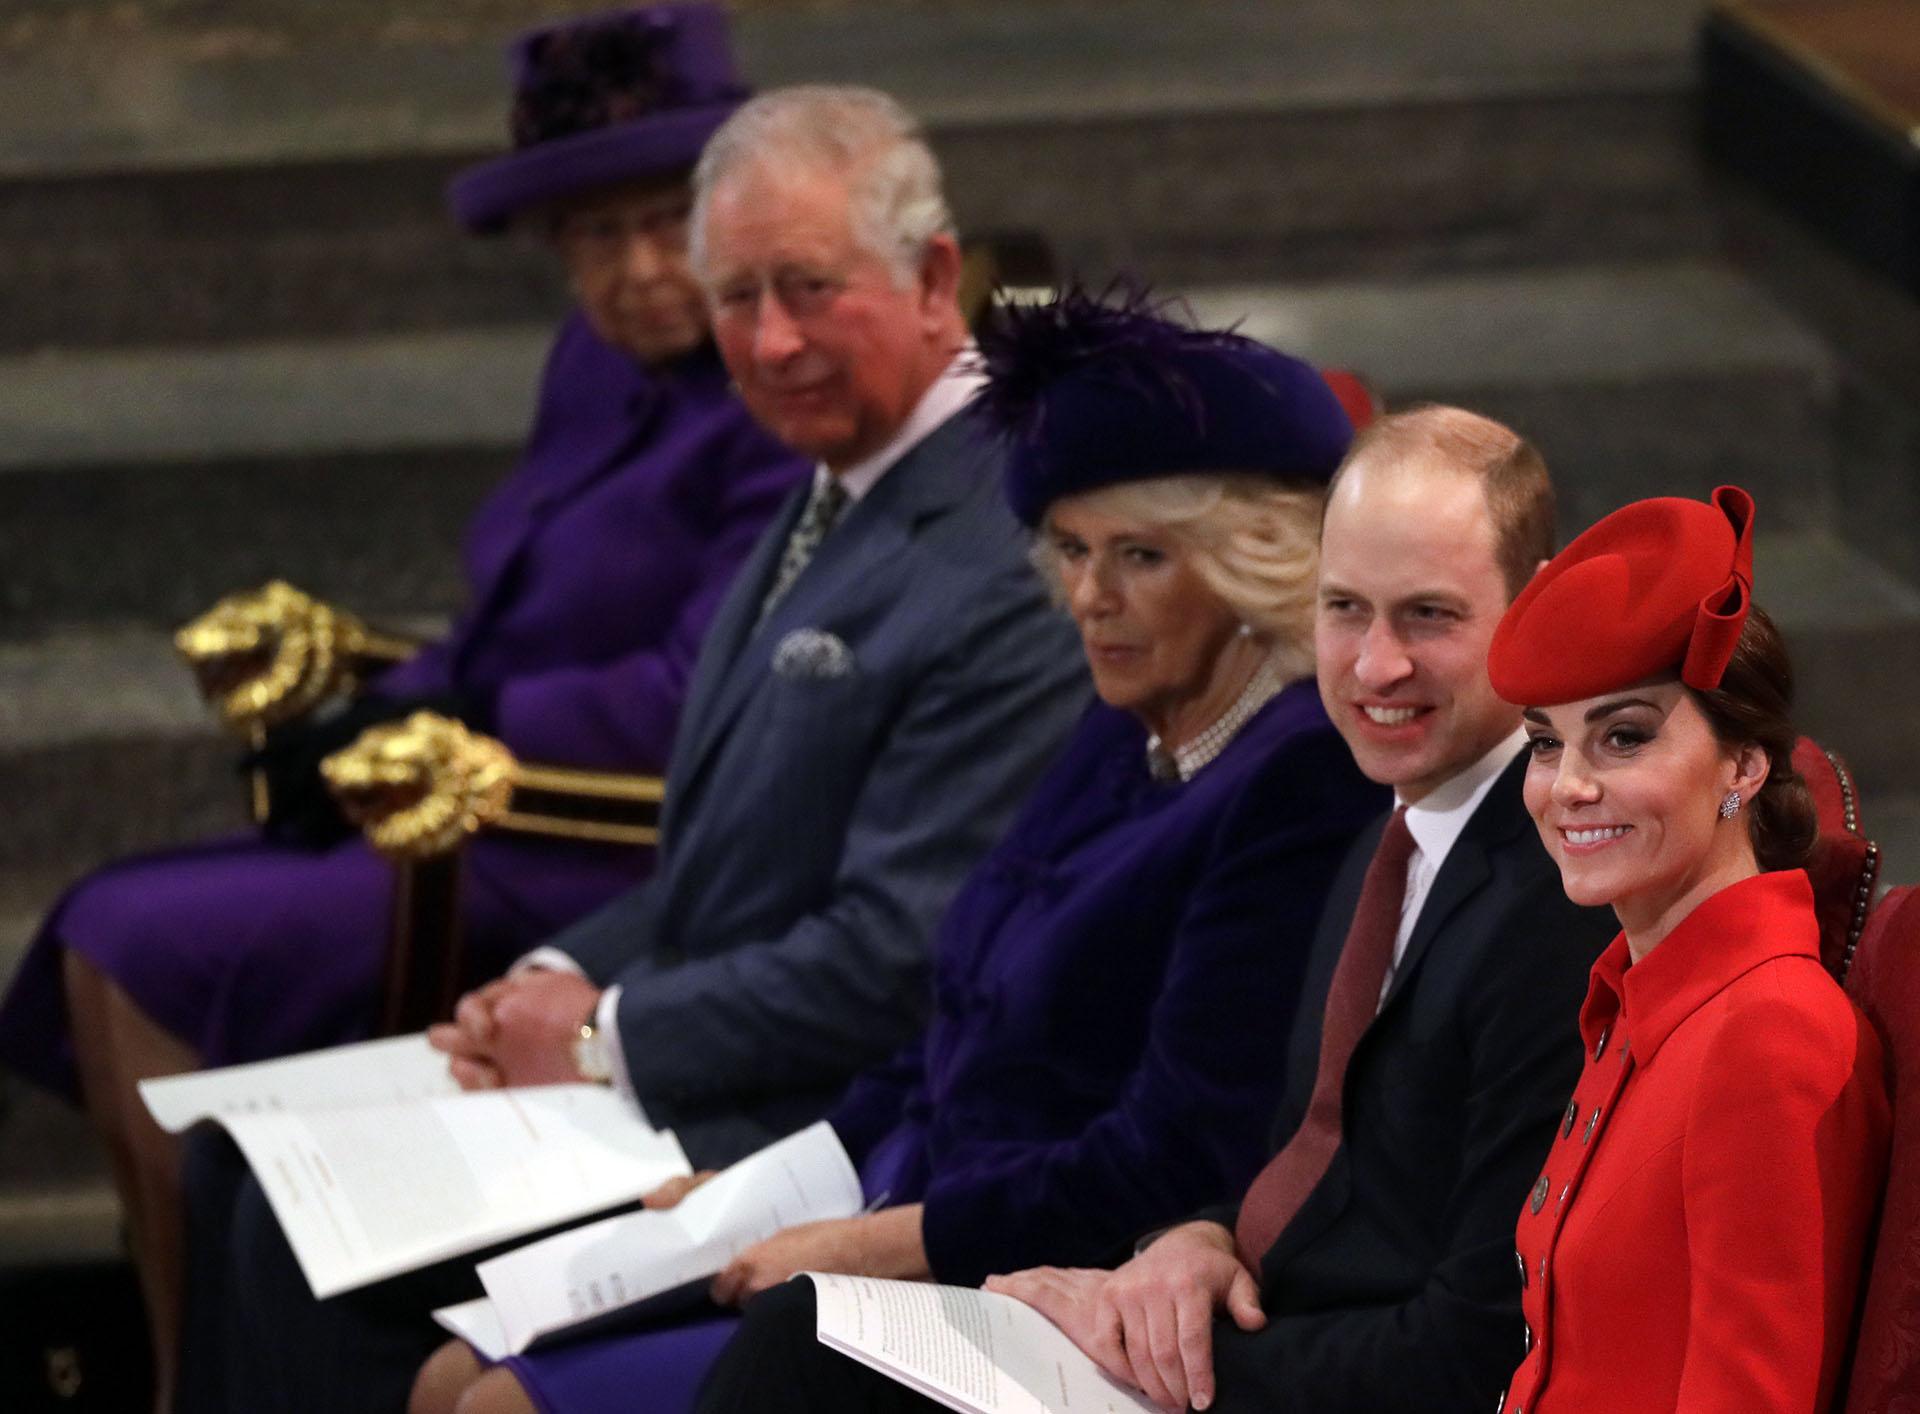 En primera fila los Duques de Cambrigde -William y Kate- luego el príncipe Carlos, su mujer Camilla Parker y la Reina Isabel II